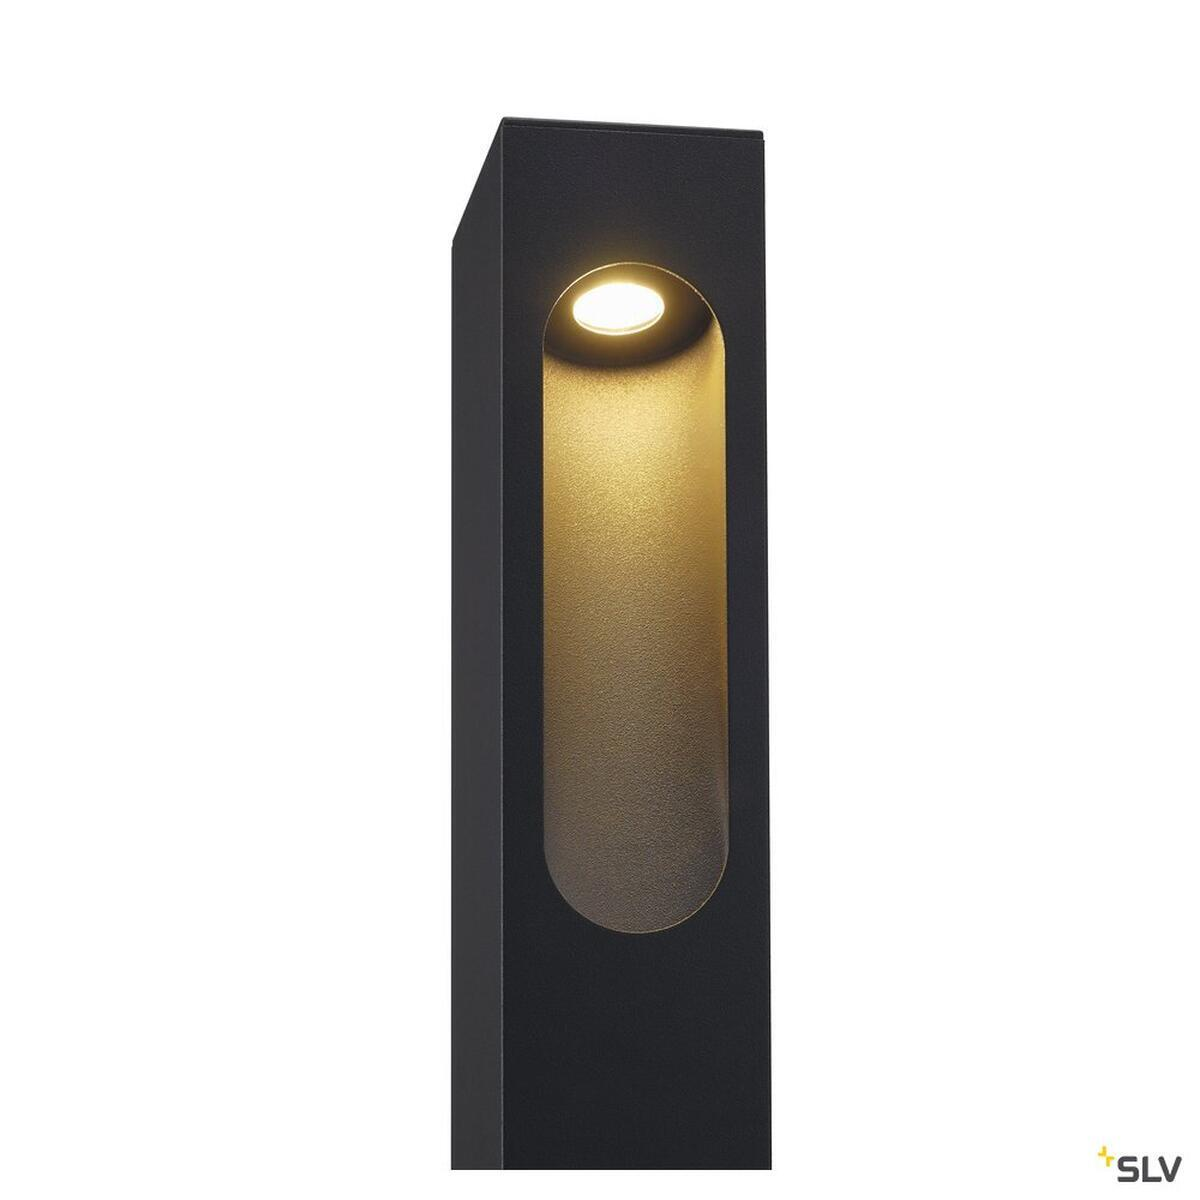 slotbox 40 stehleuchte eckig anthrazit 101 99. Black Bedroom Furniture Sets. Home Design Ideas